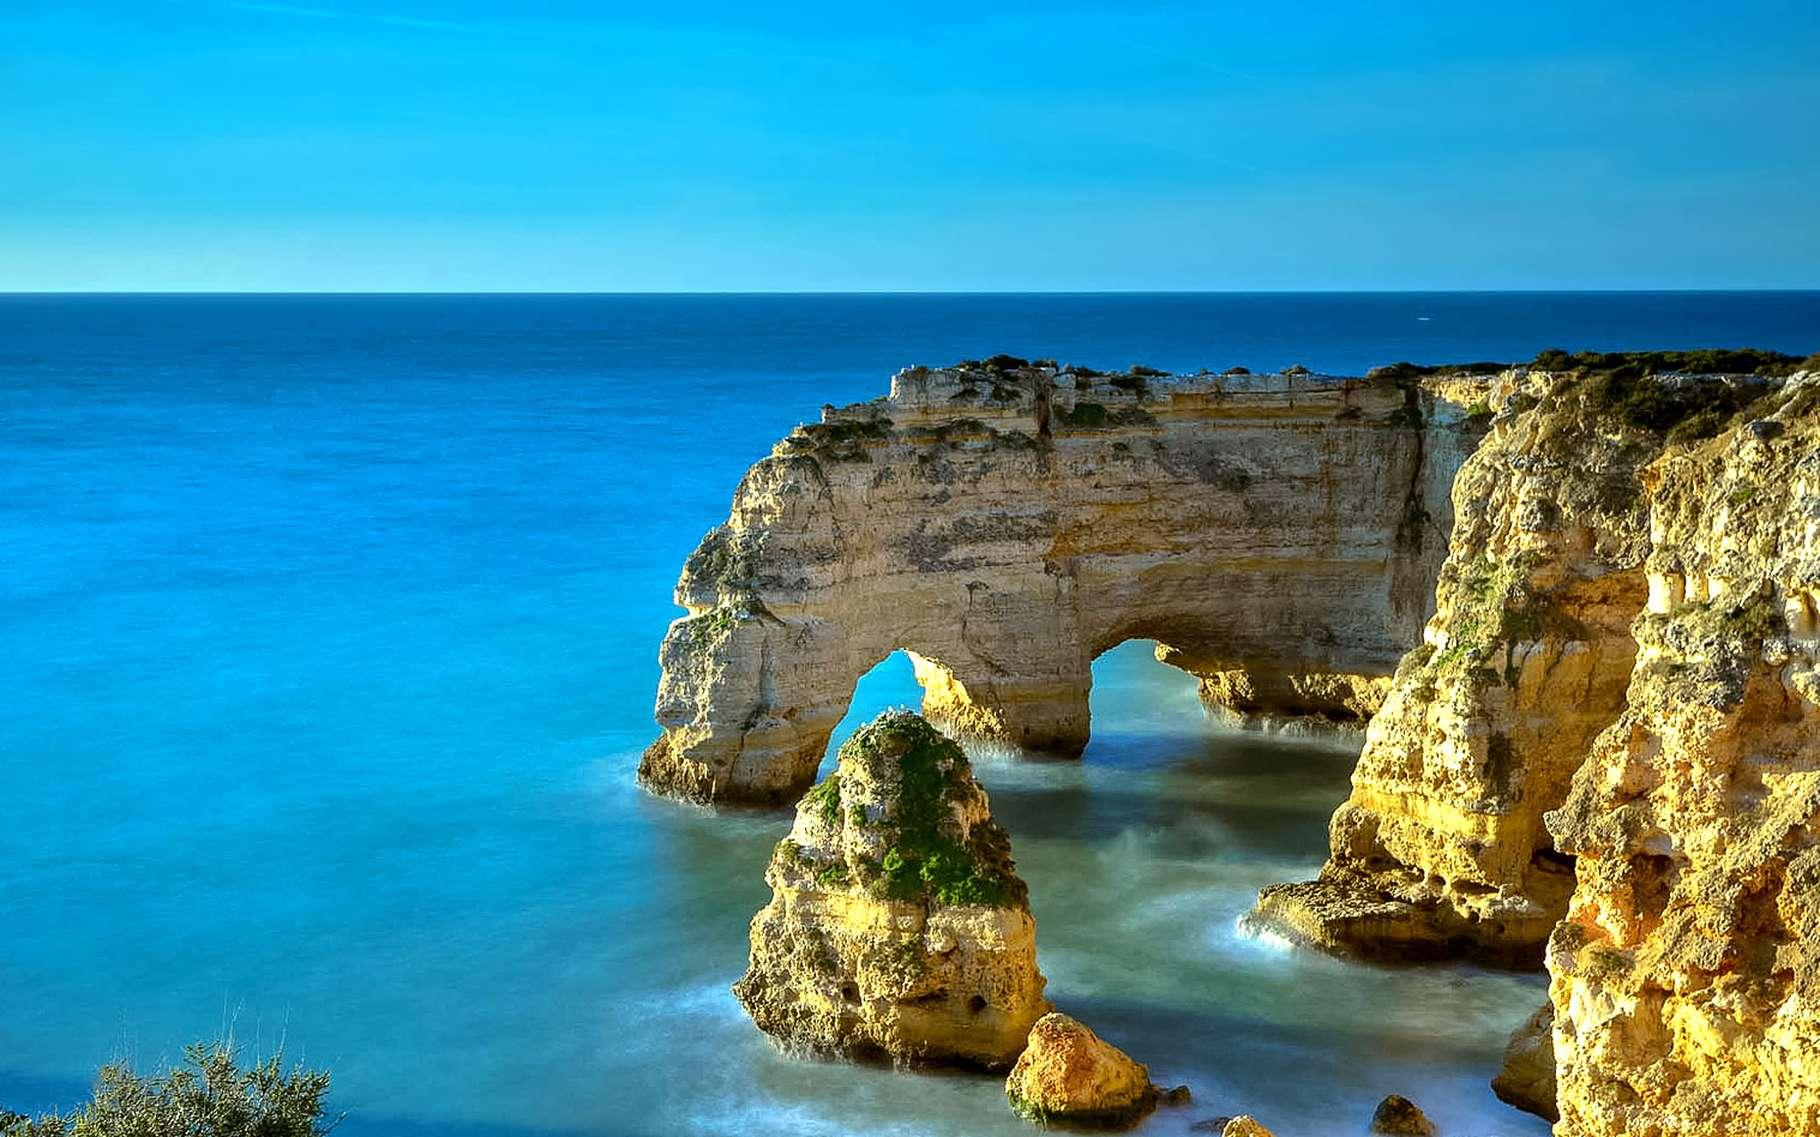 La superbe côte atlantique du Portugal, face à l'océan. © DR